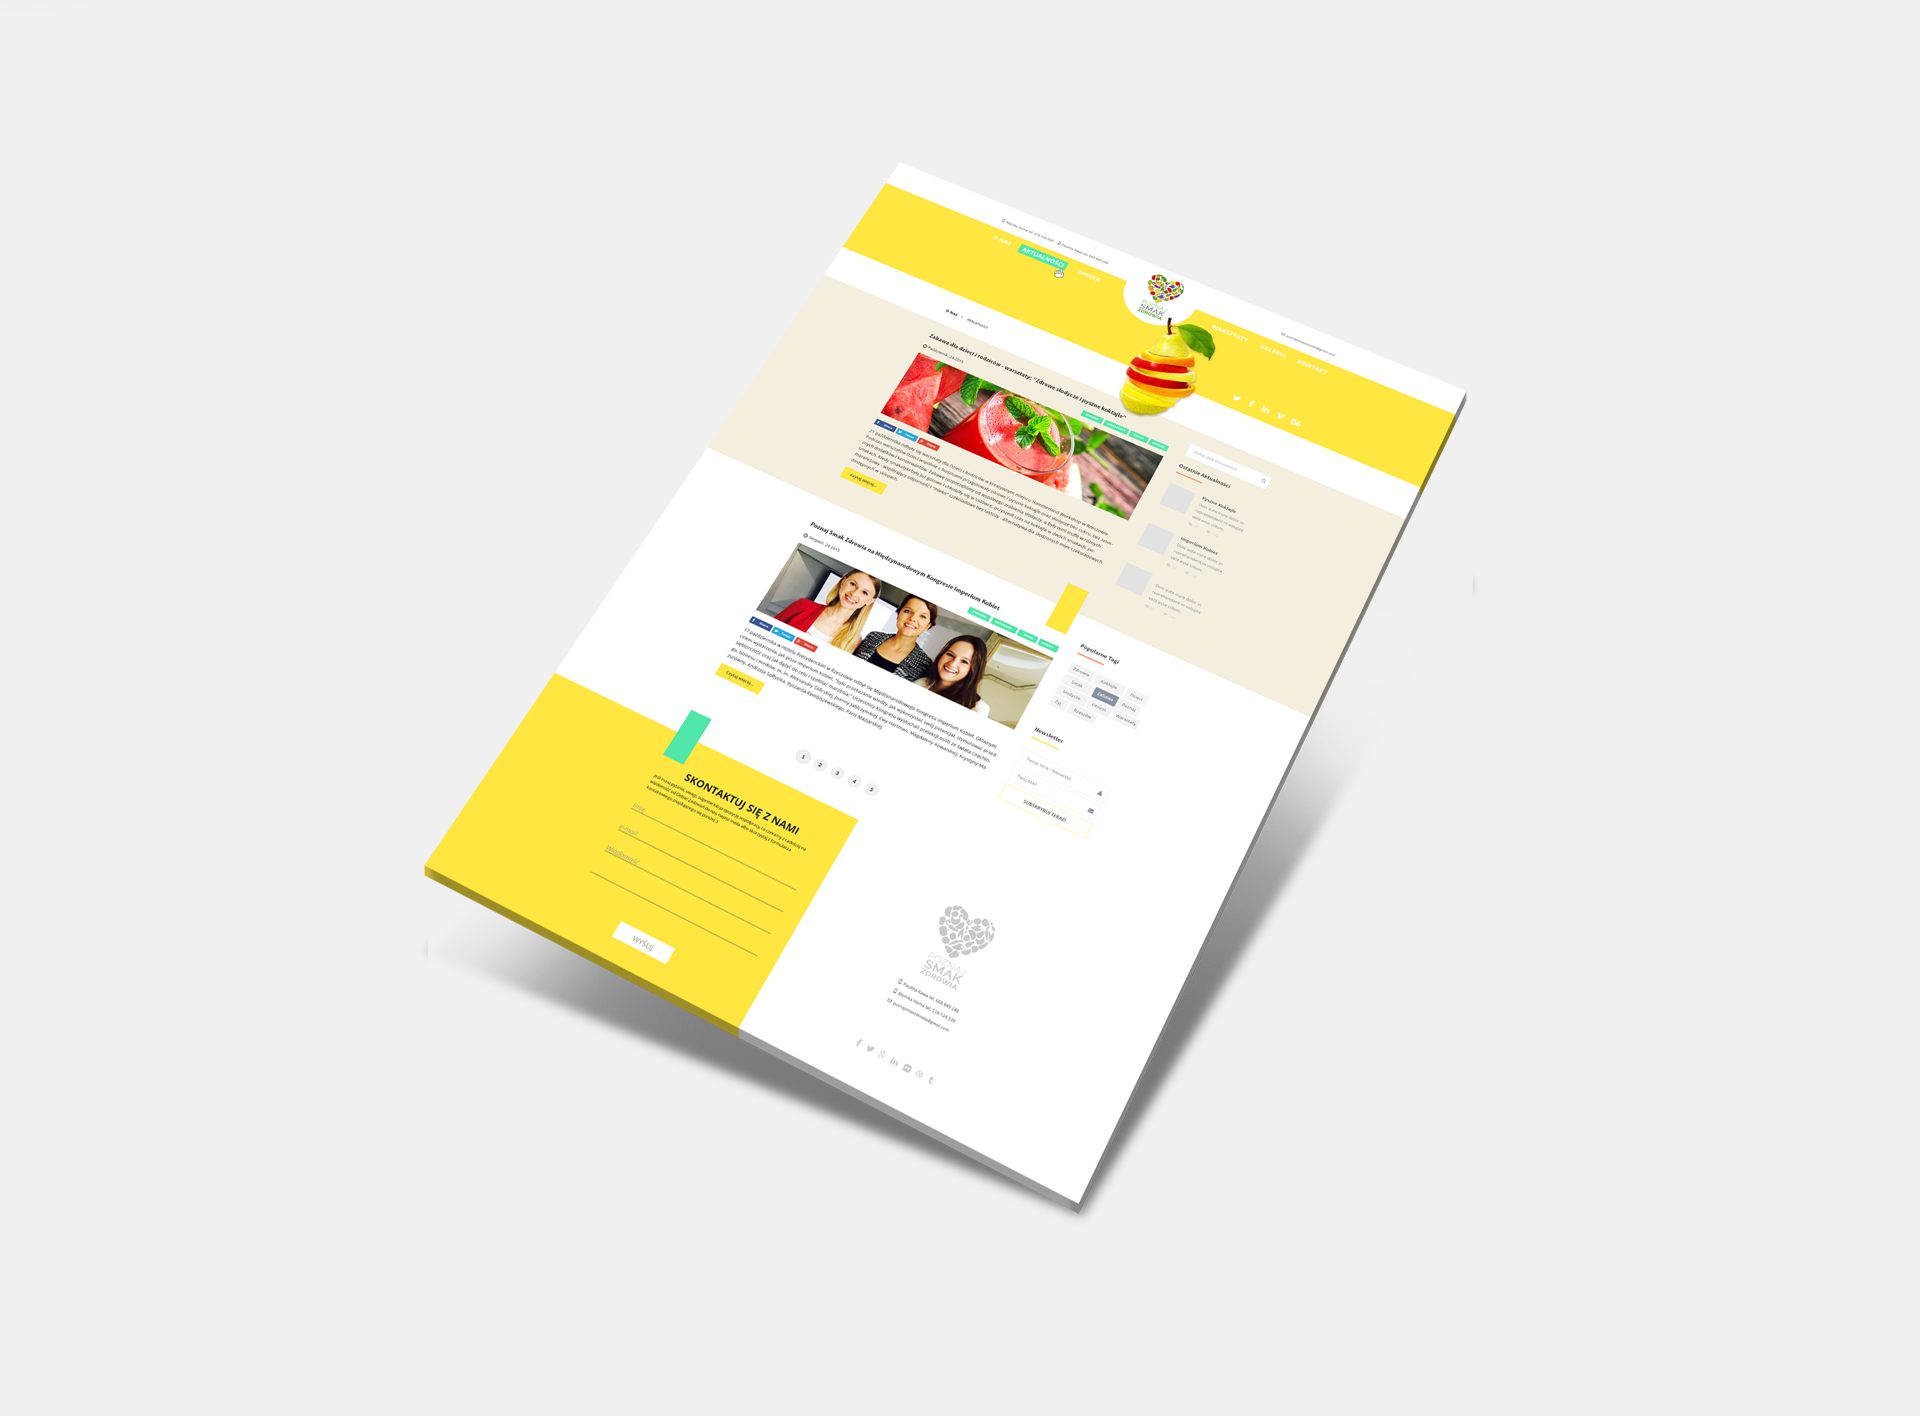 Poznaj smak zdrowia - Realizacja - Agencja ROXART